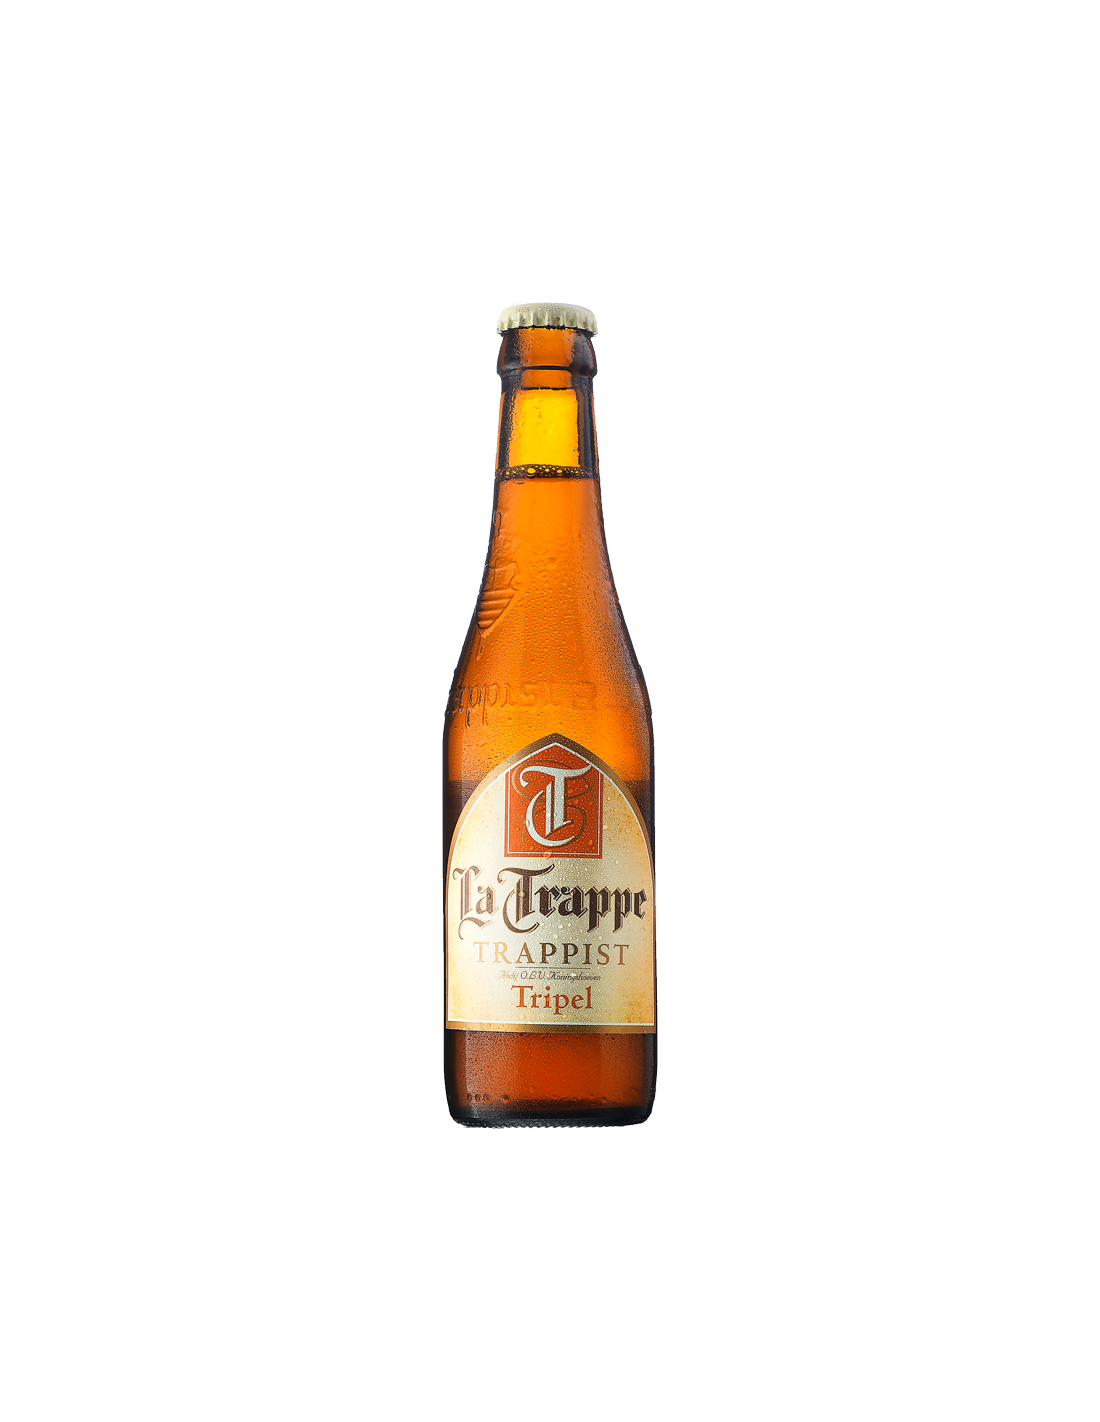 Bere amber, nefiltrata La Trappe, 6.5% alc., 0.33L, Belgia